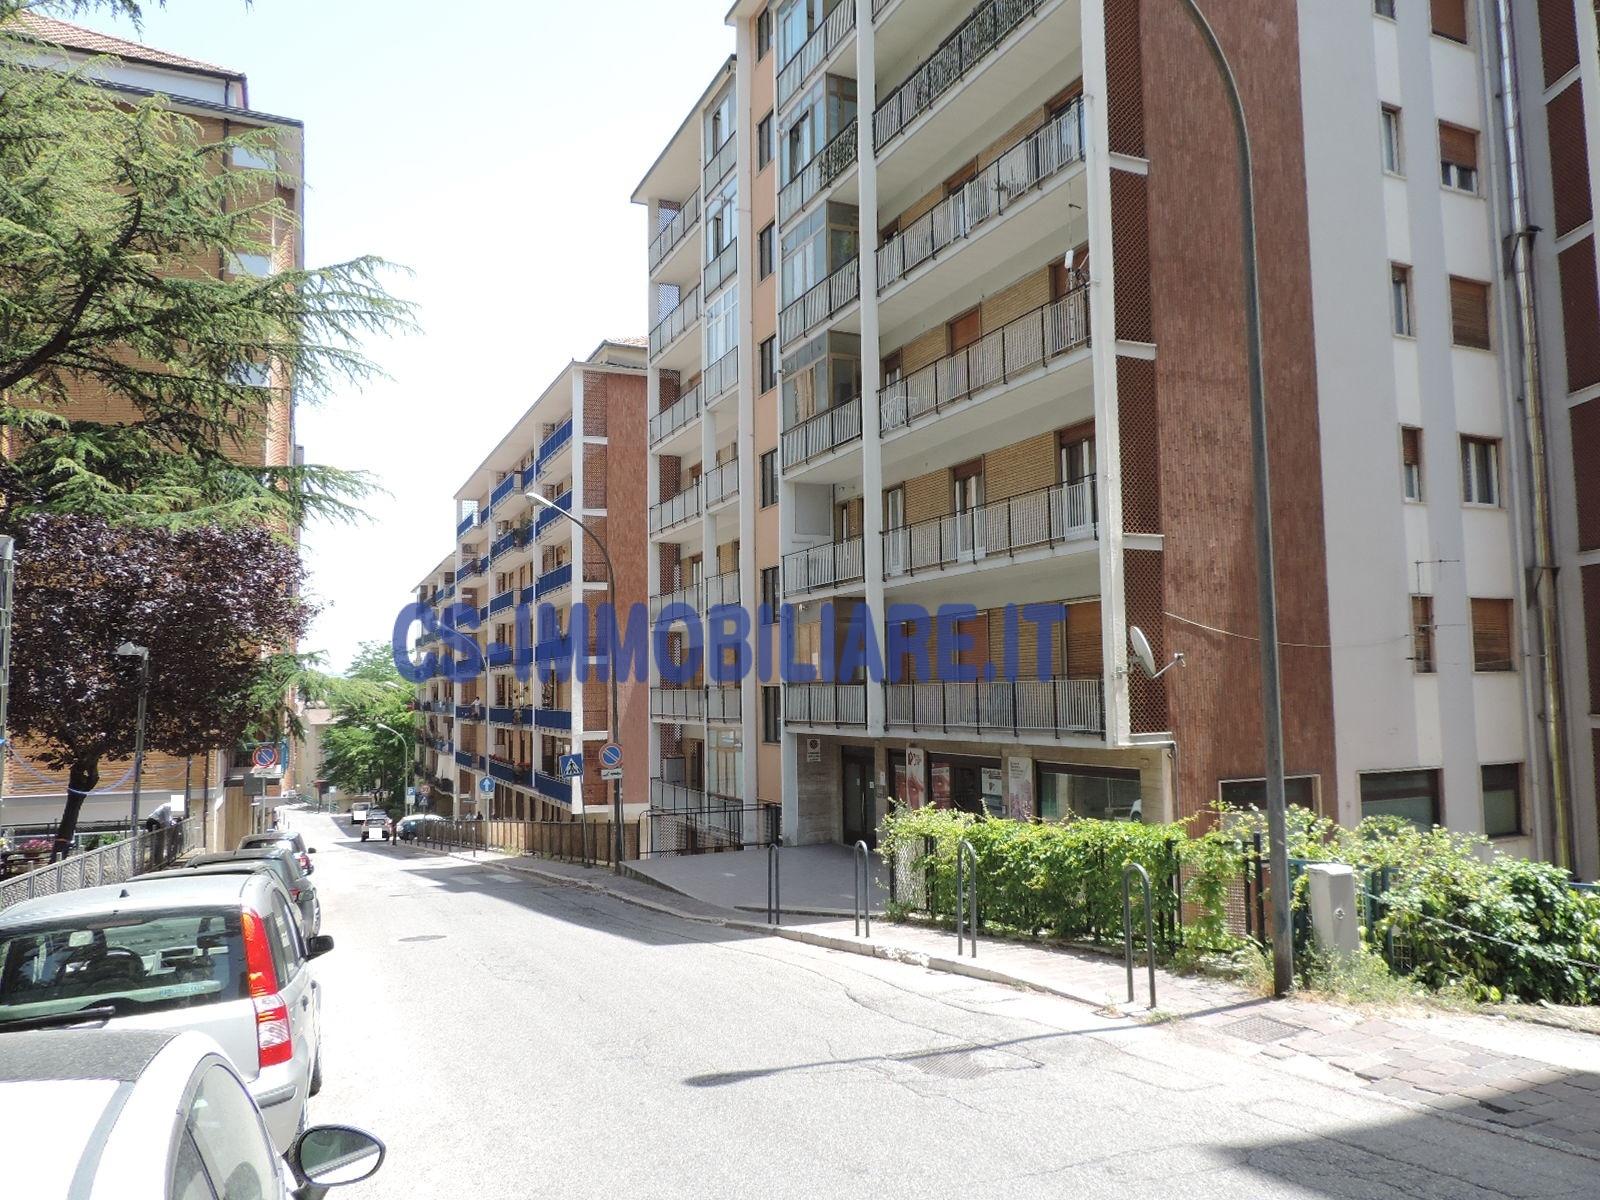 Appartamento in affitto a Potenza, 5 locali, zona Zona: Semicentro, prezzo € 450 | CambioCasa.it